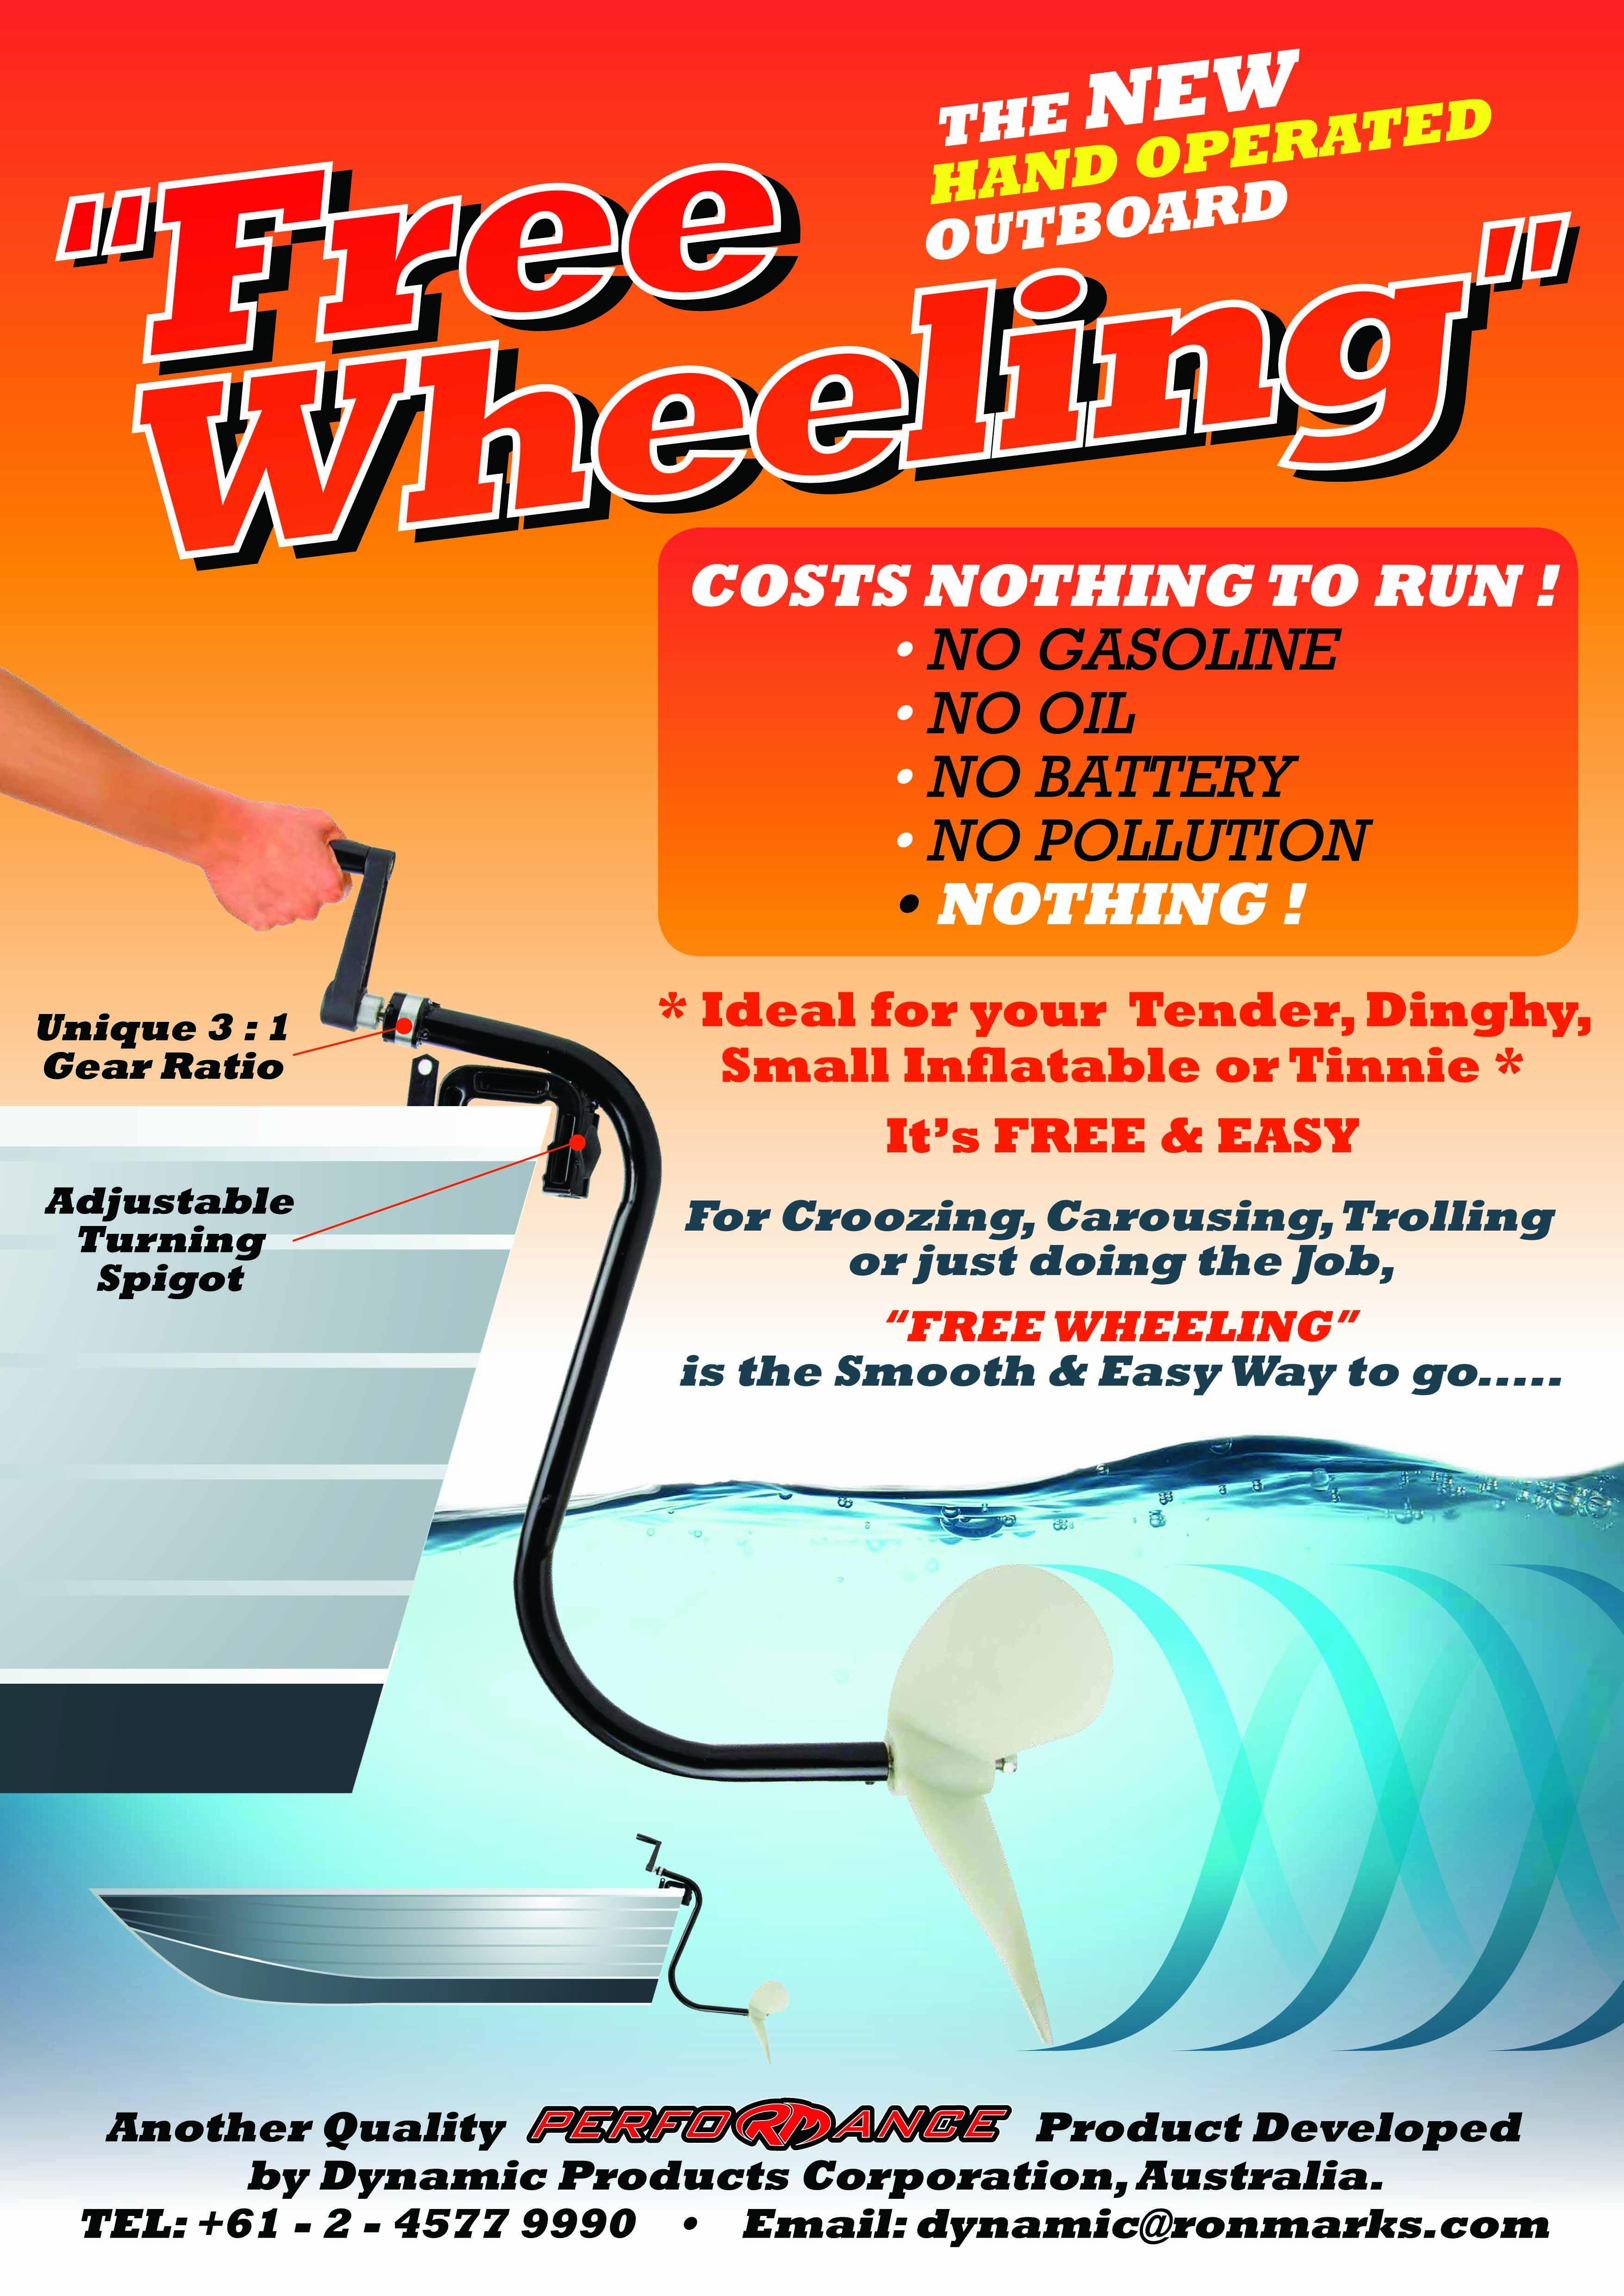 Free Wheeling